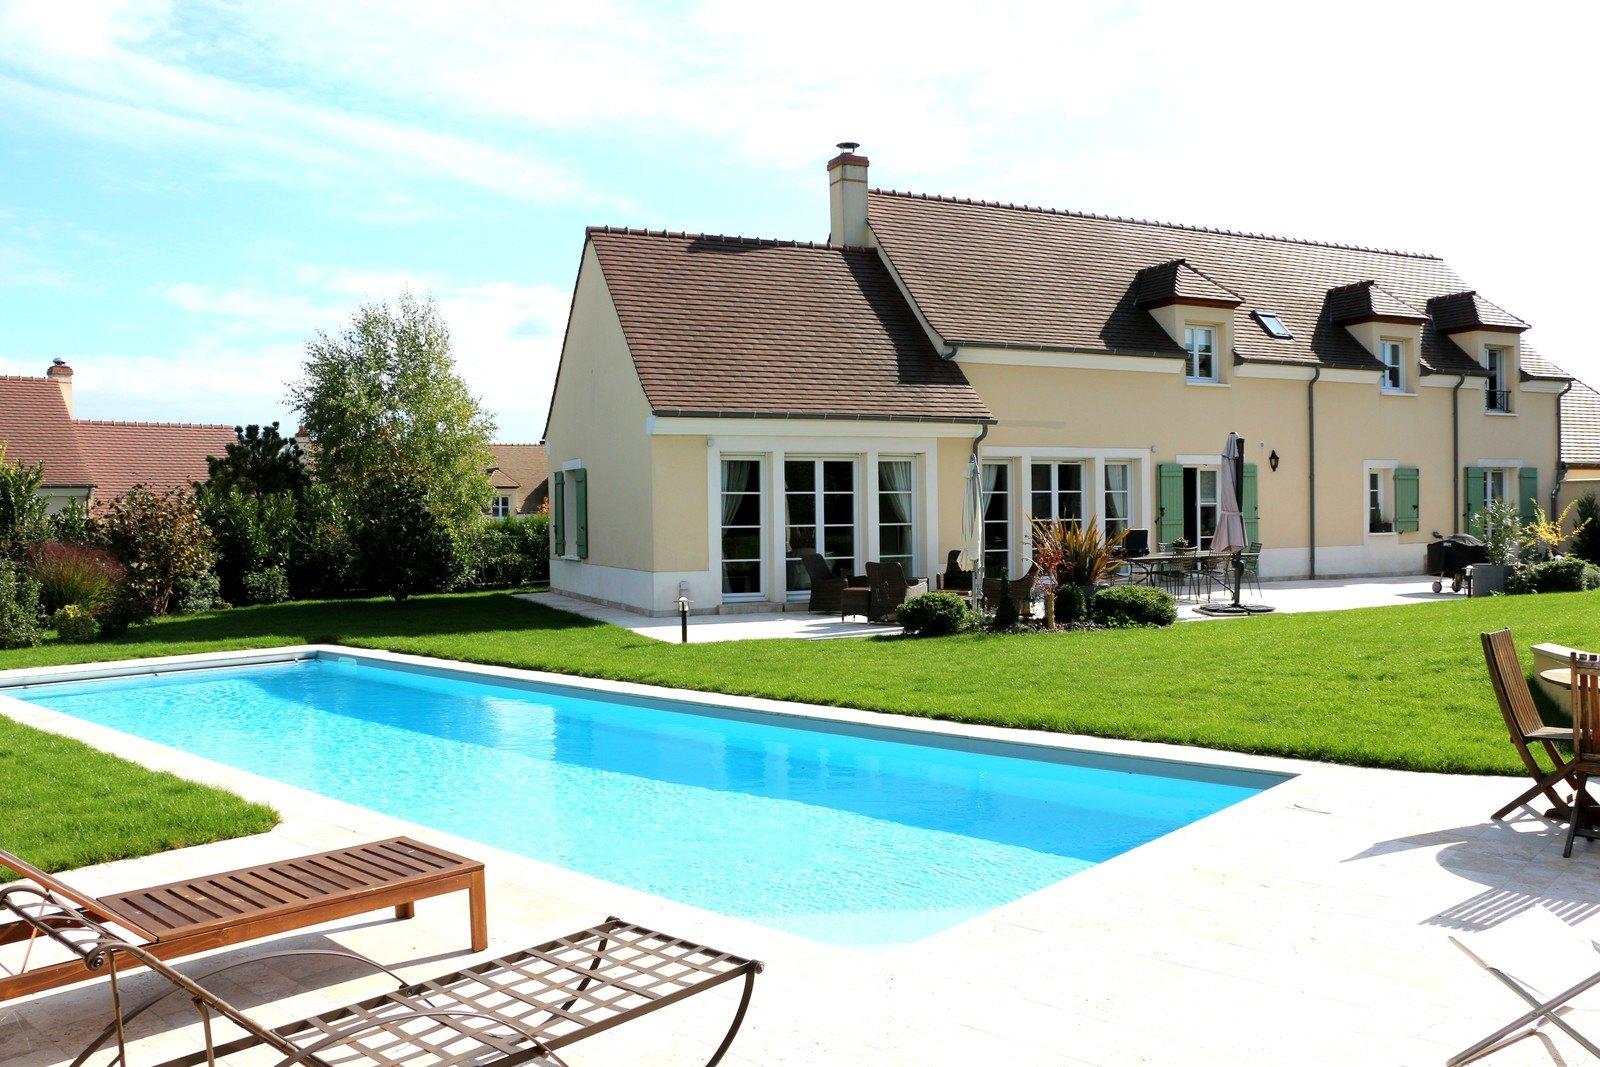 Notre avis d 39 expert l 39 esprit long re dans un villa for Achat maison neuve 77